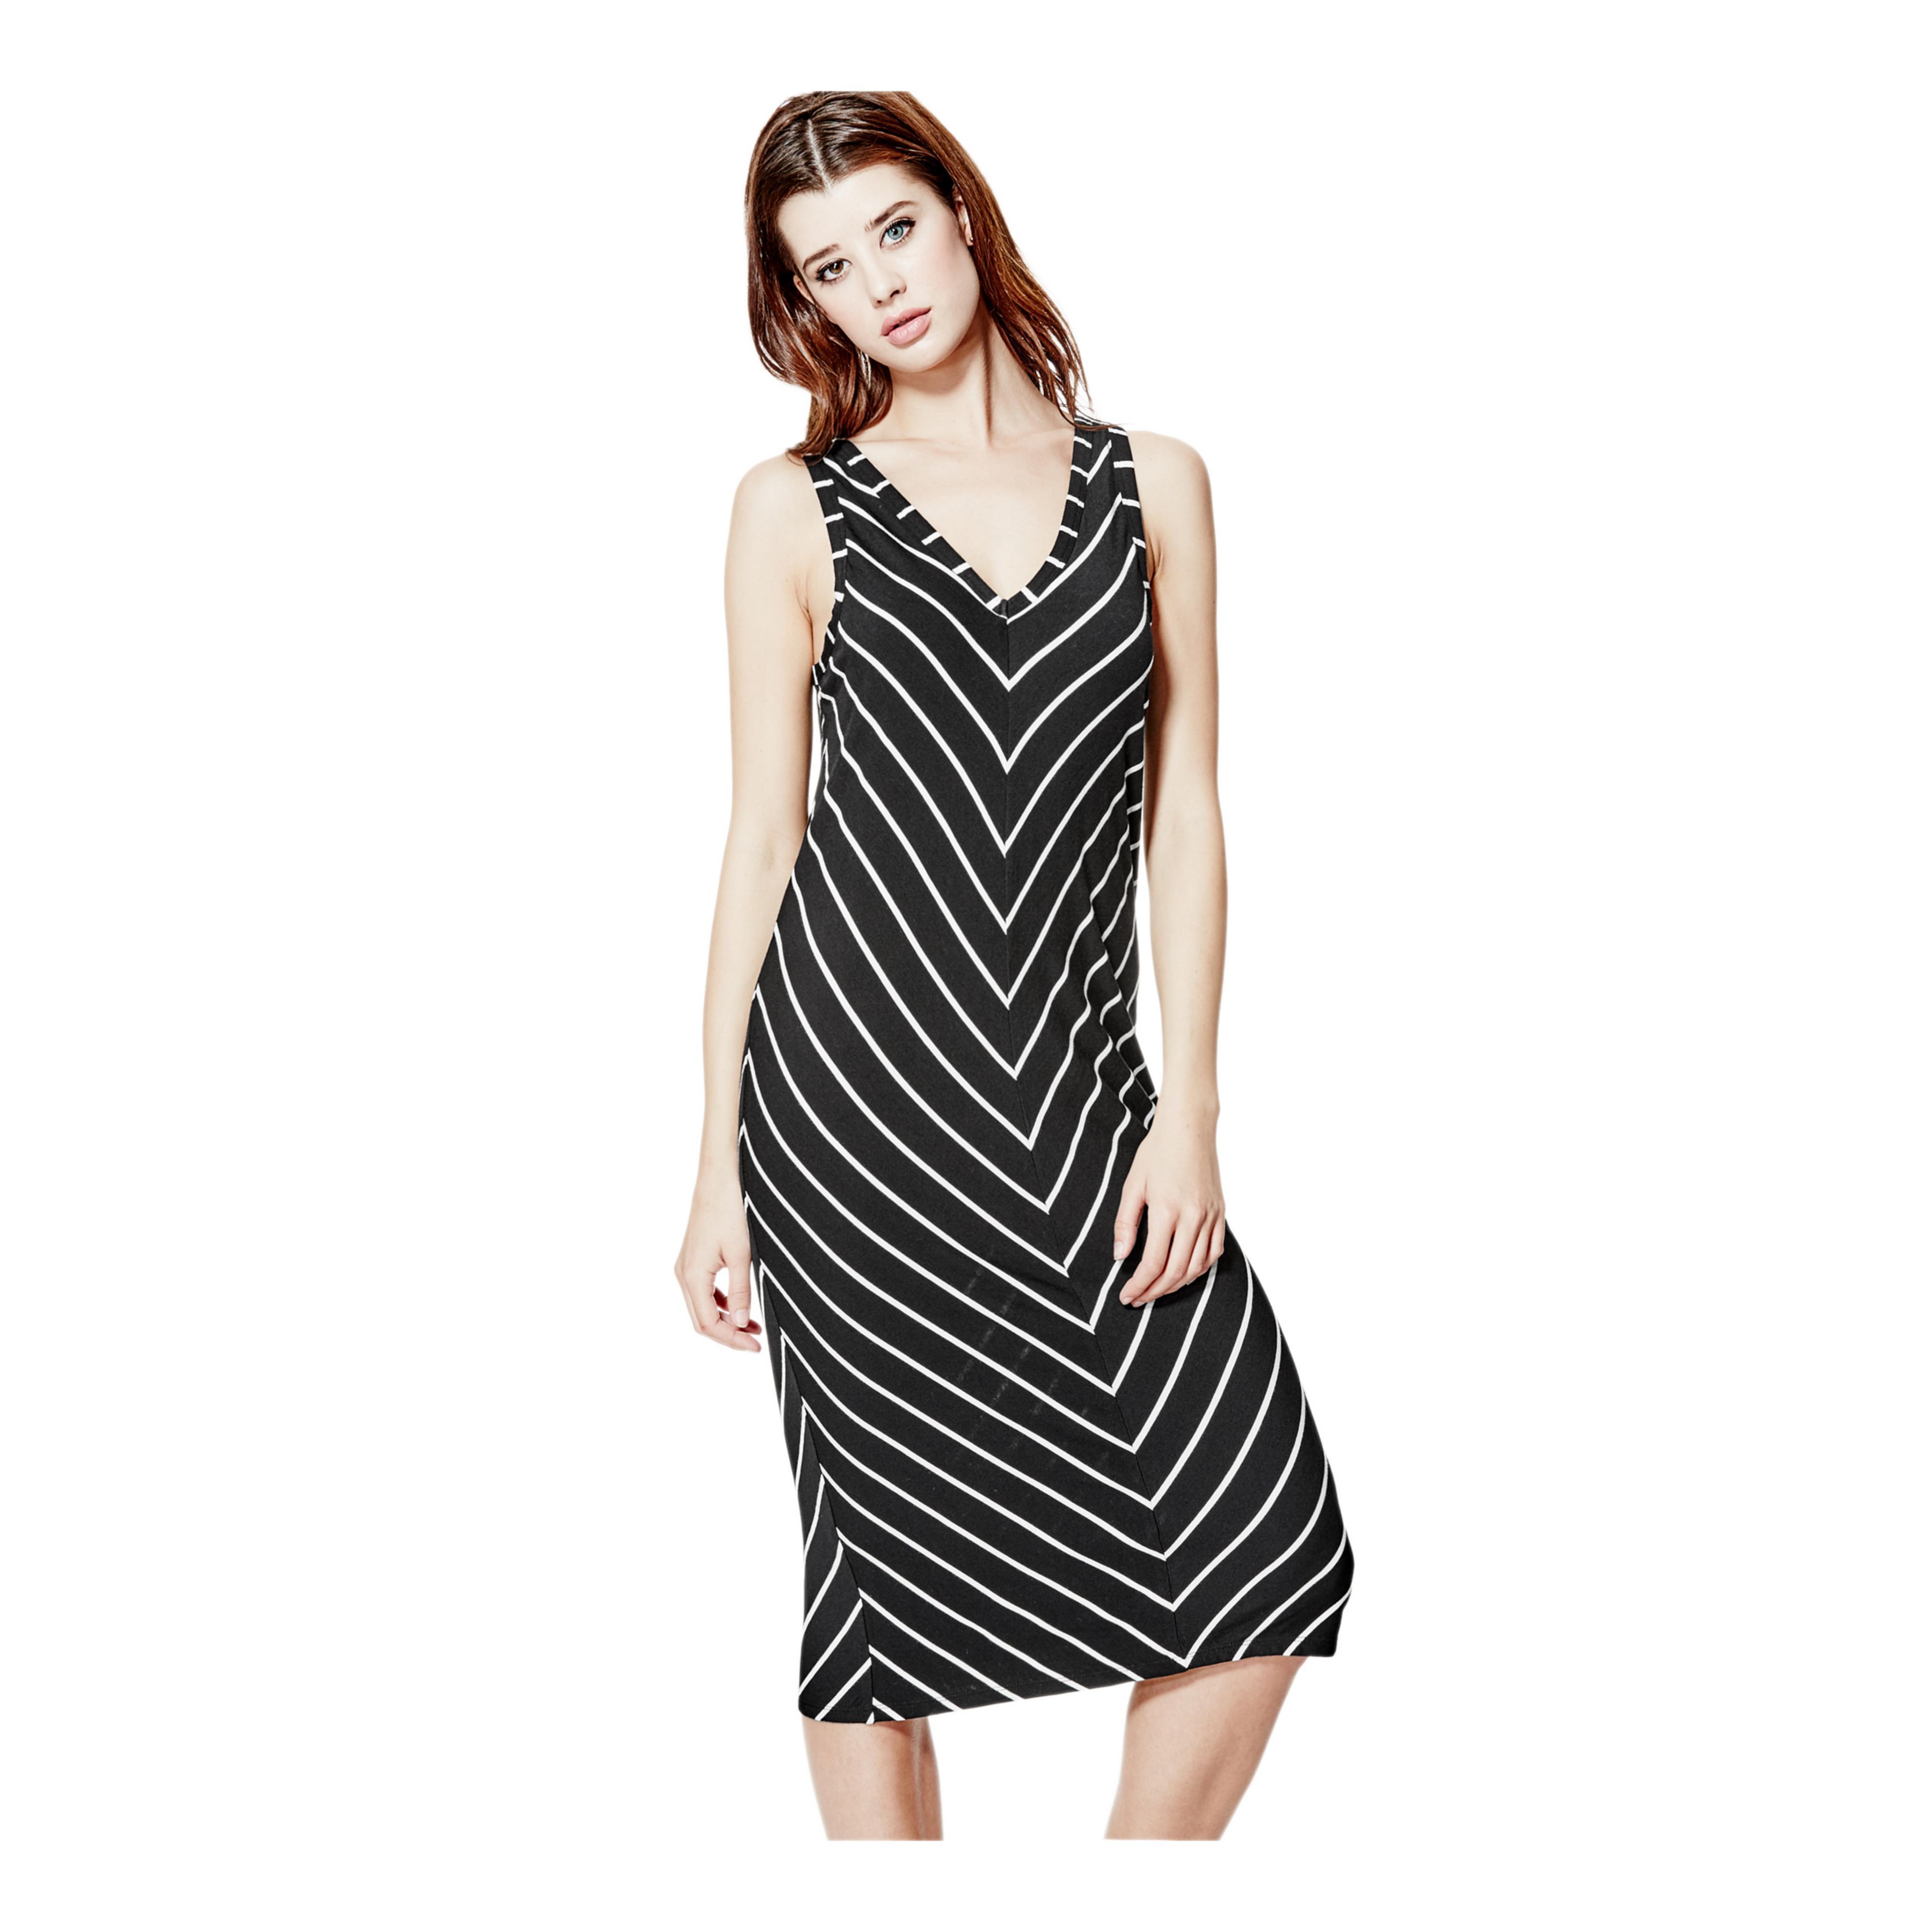 a9cfbfc0af06 Lyst - Guess Tia Striped Dress in Black